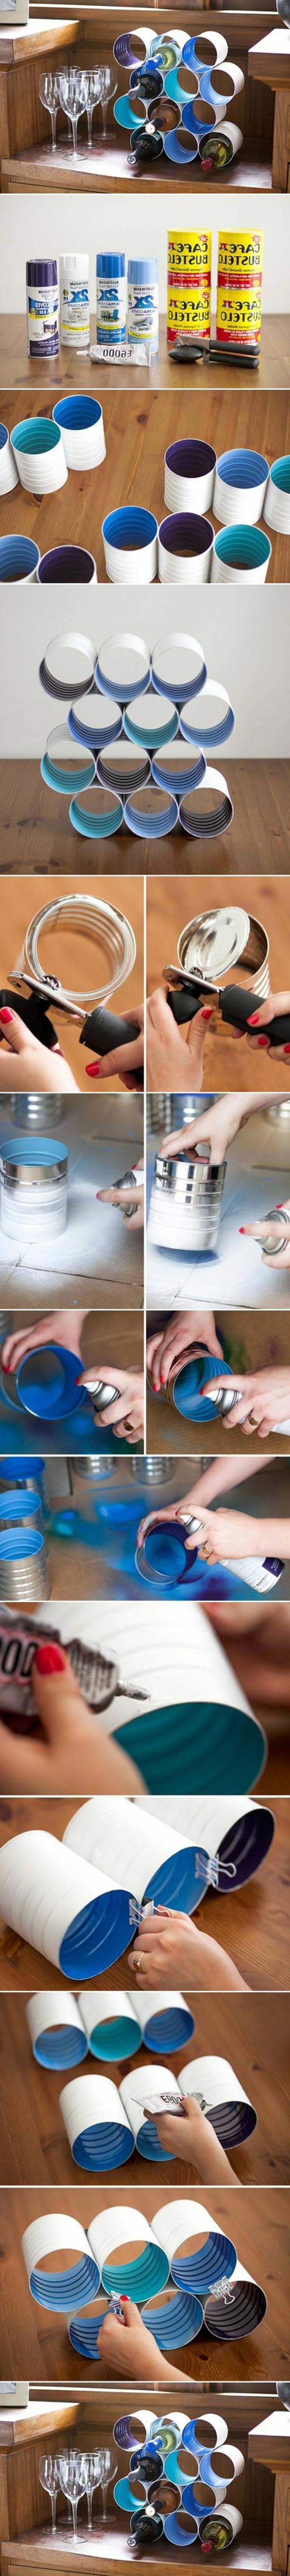 1001 tutoriels et id es de recyclage bo te de conserve - Fabriquer casier bouteille ...